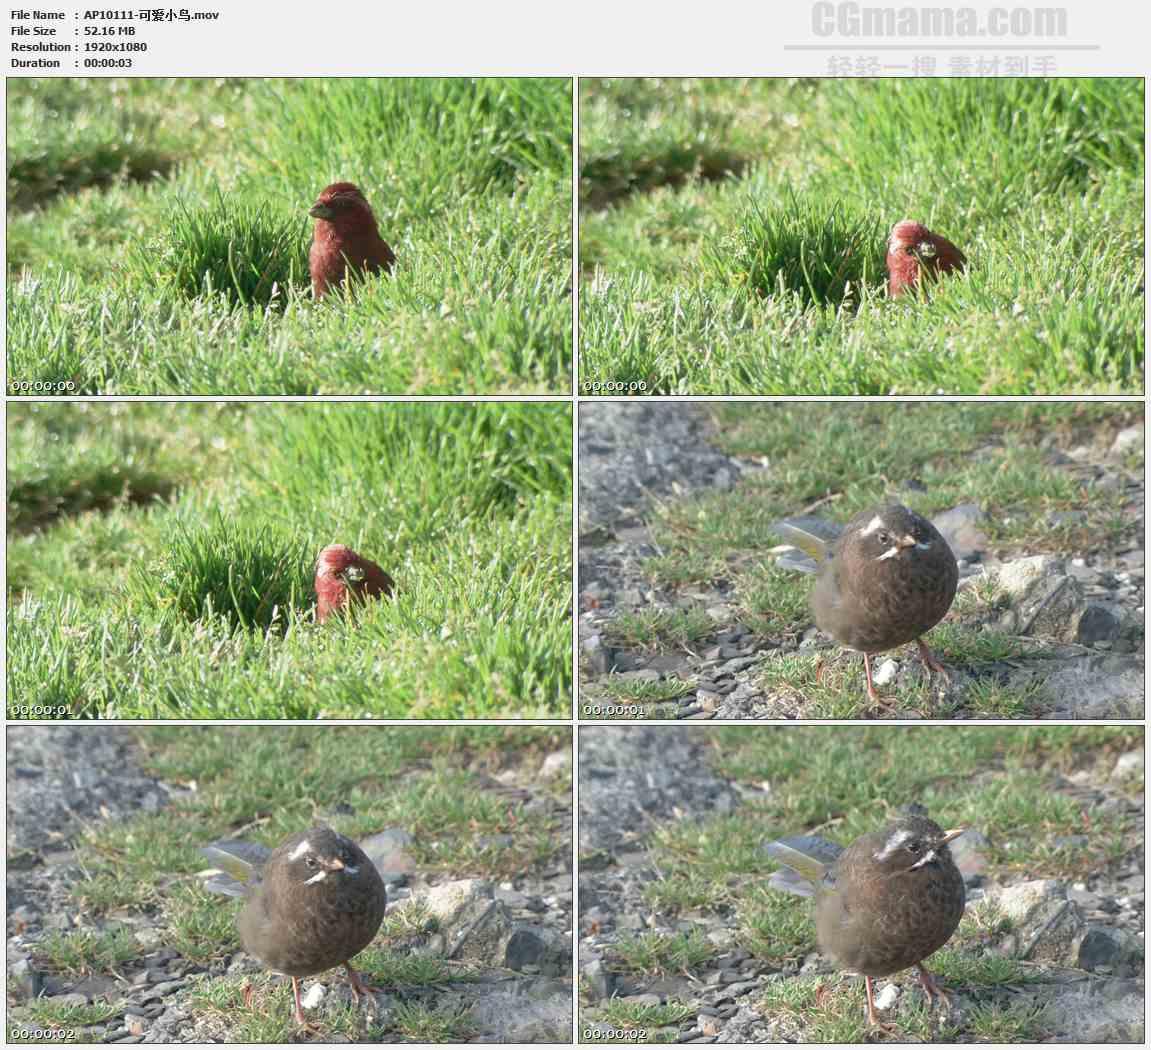 AP10111-小鸟草地觅食高清实拍视频素材